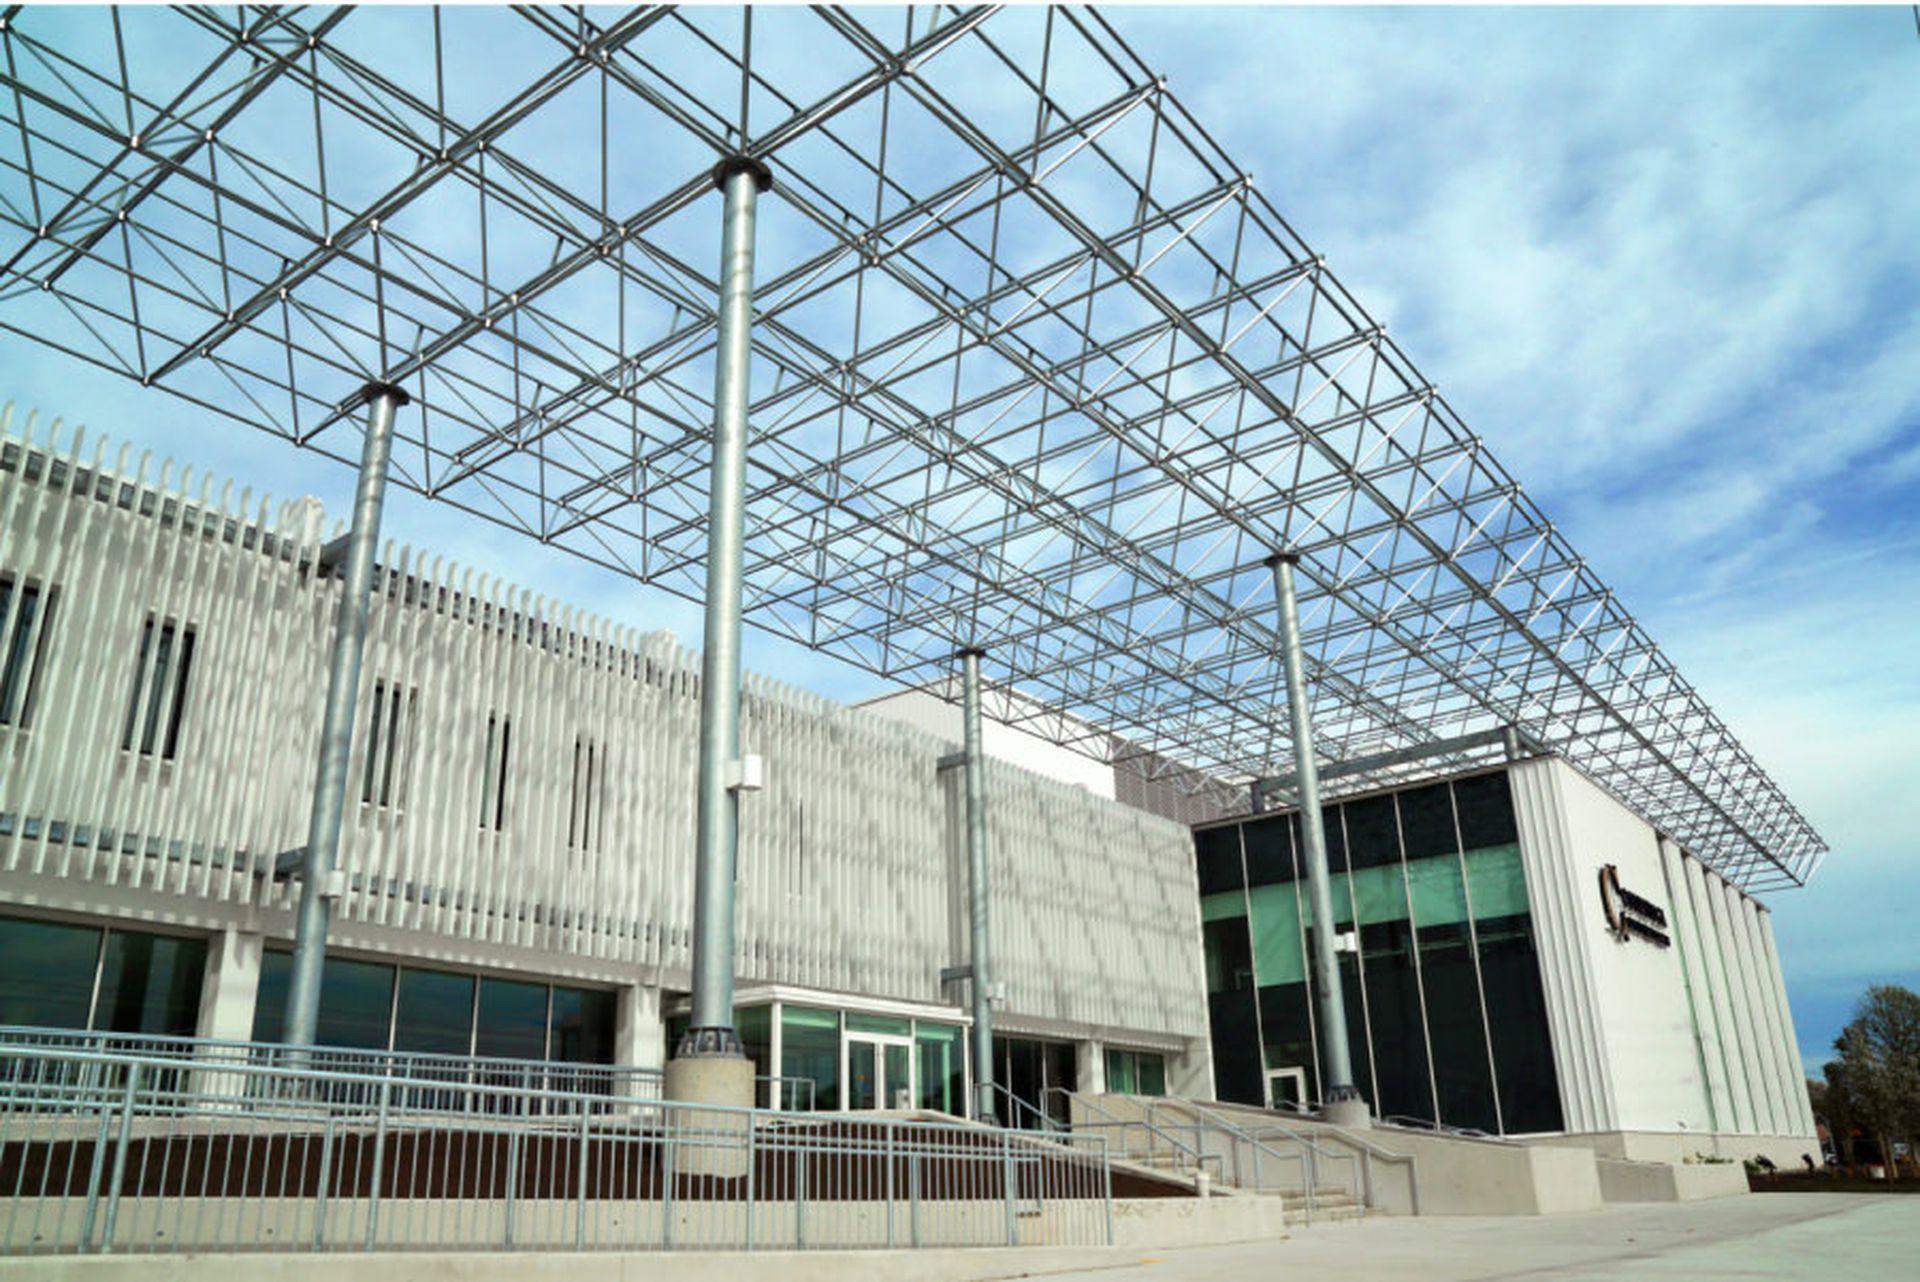 Autodesk used at Conestoga College Ontario Canada